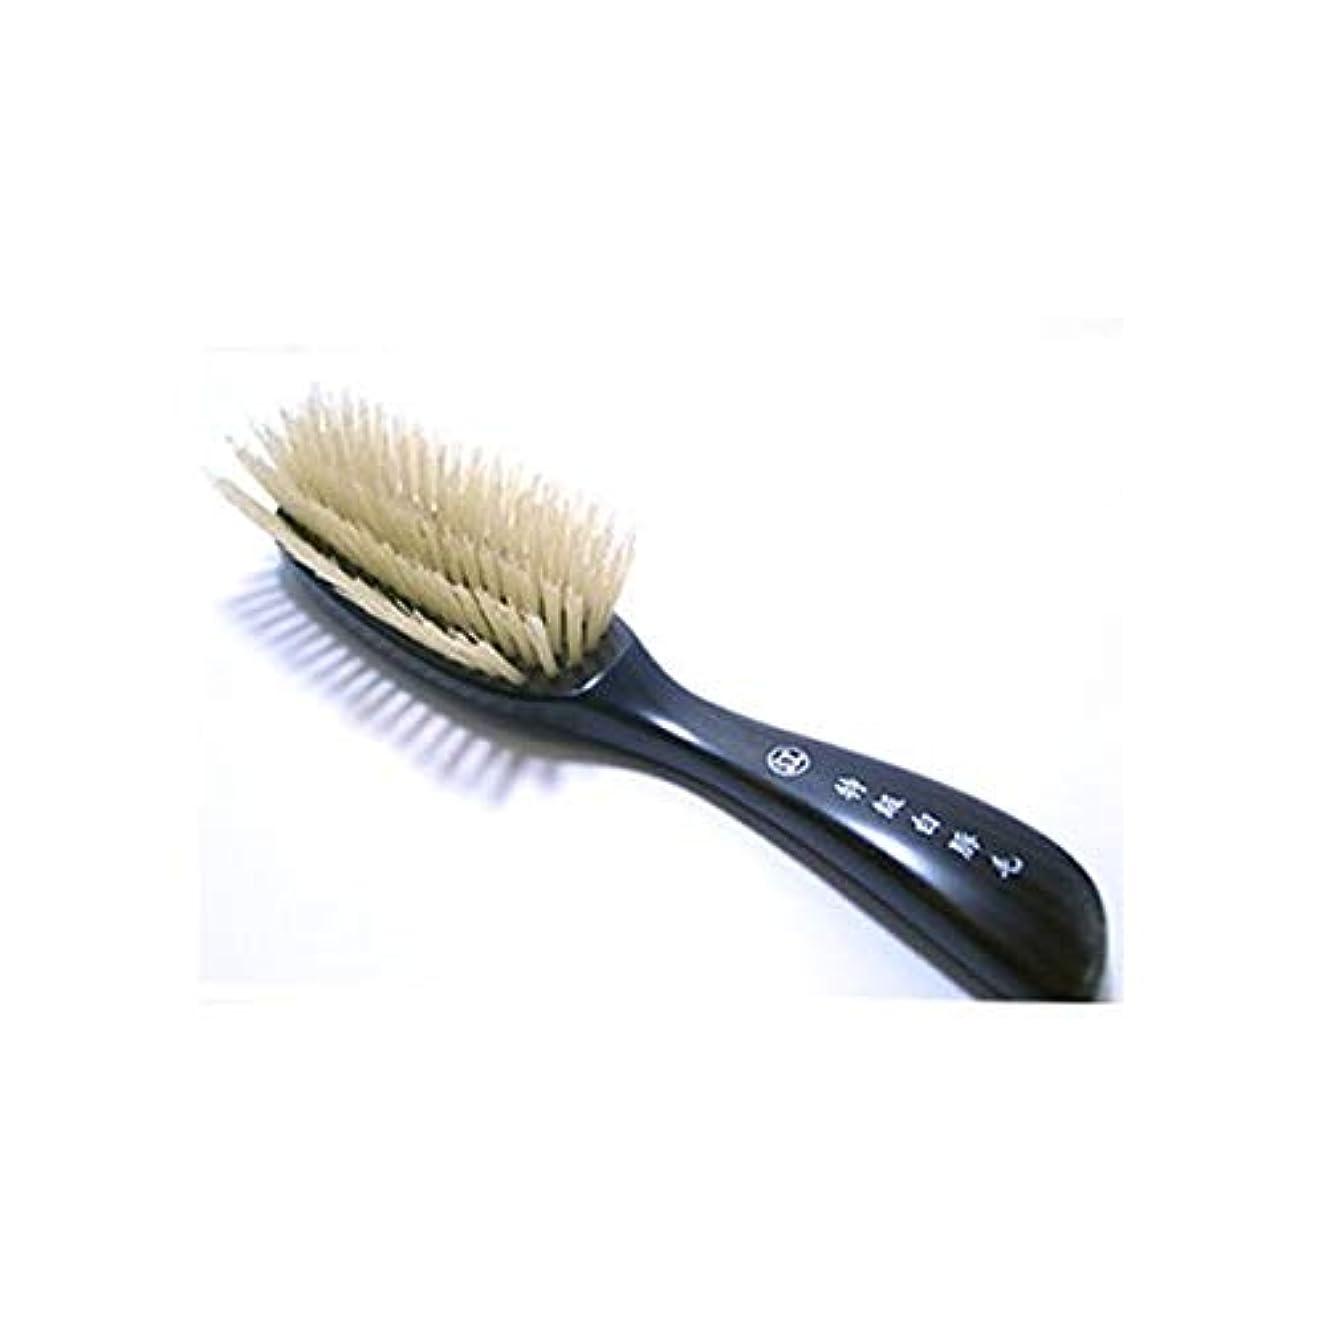 ナットナット全国特級白豚毛ヘアブラシ6行植え 創業300年江戸屋白豚毛ヘアブラシ 標準の髪ボリュームの方向け 獣毛ヘアブラシ